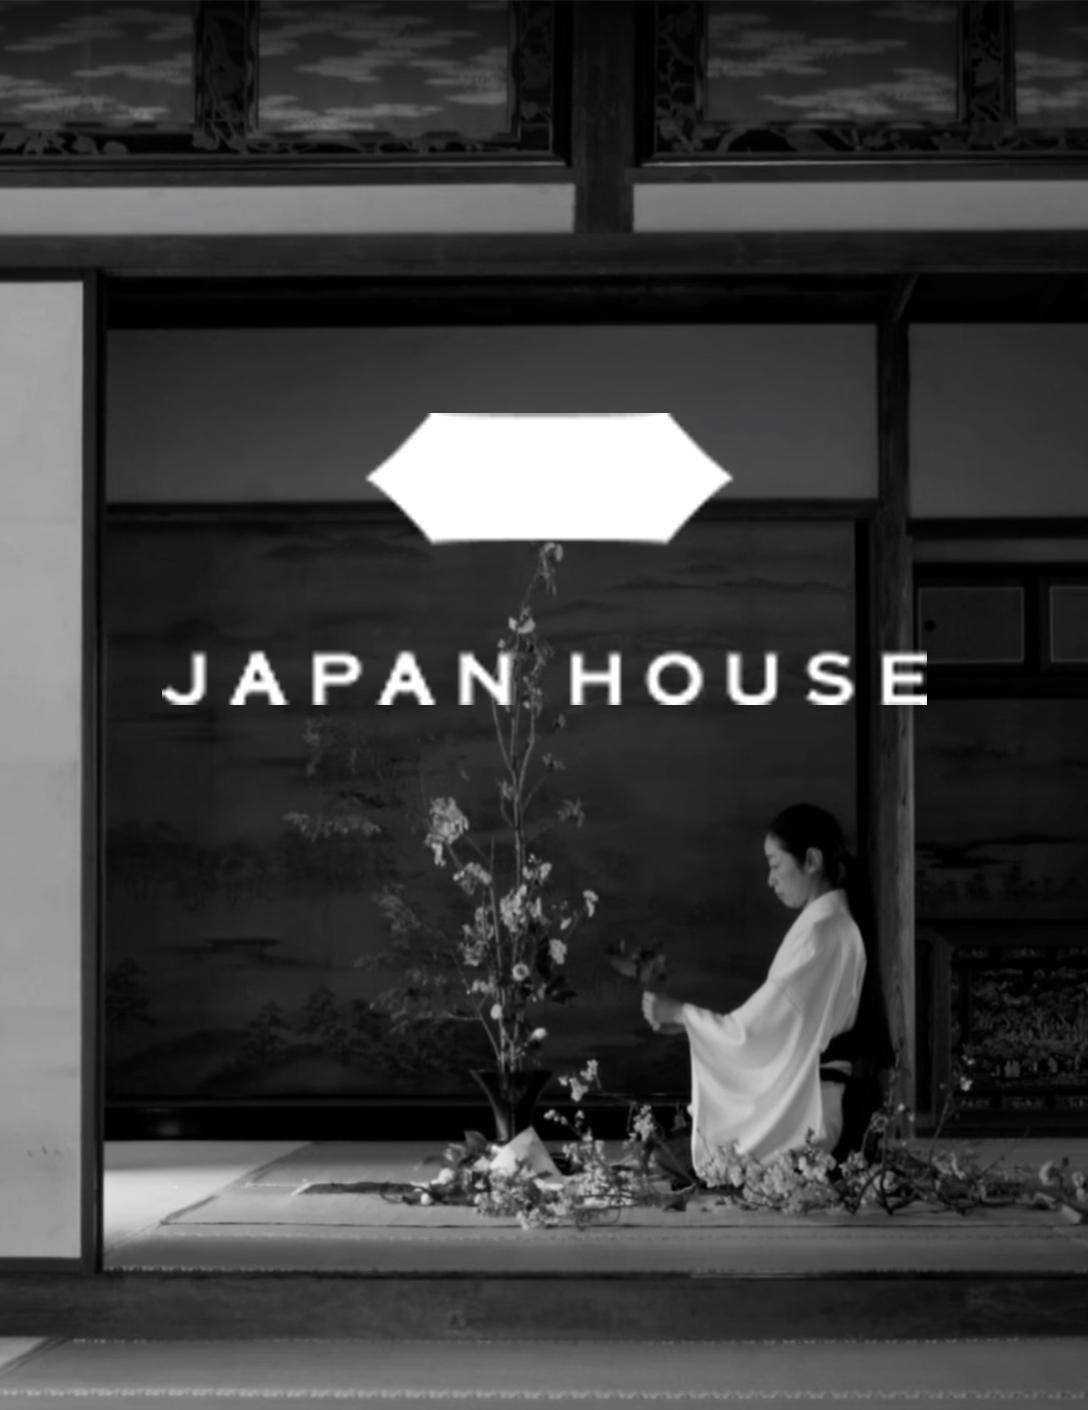 JAPAN HOUSE概念视频